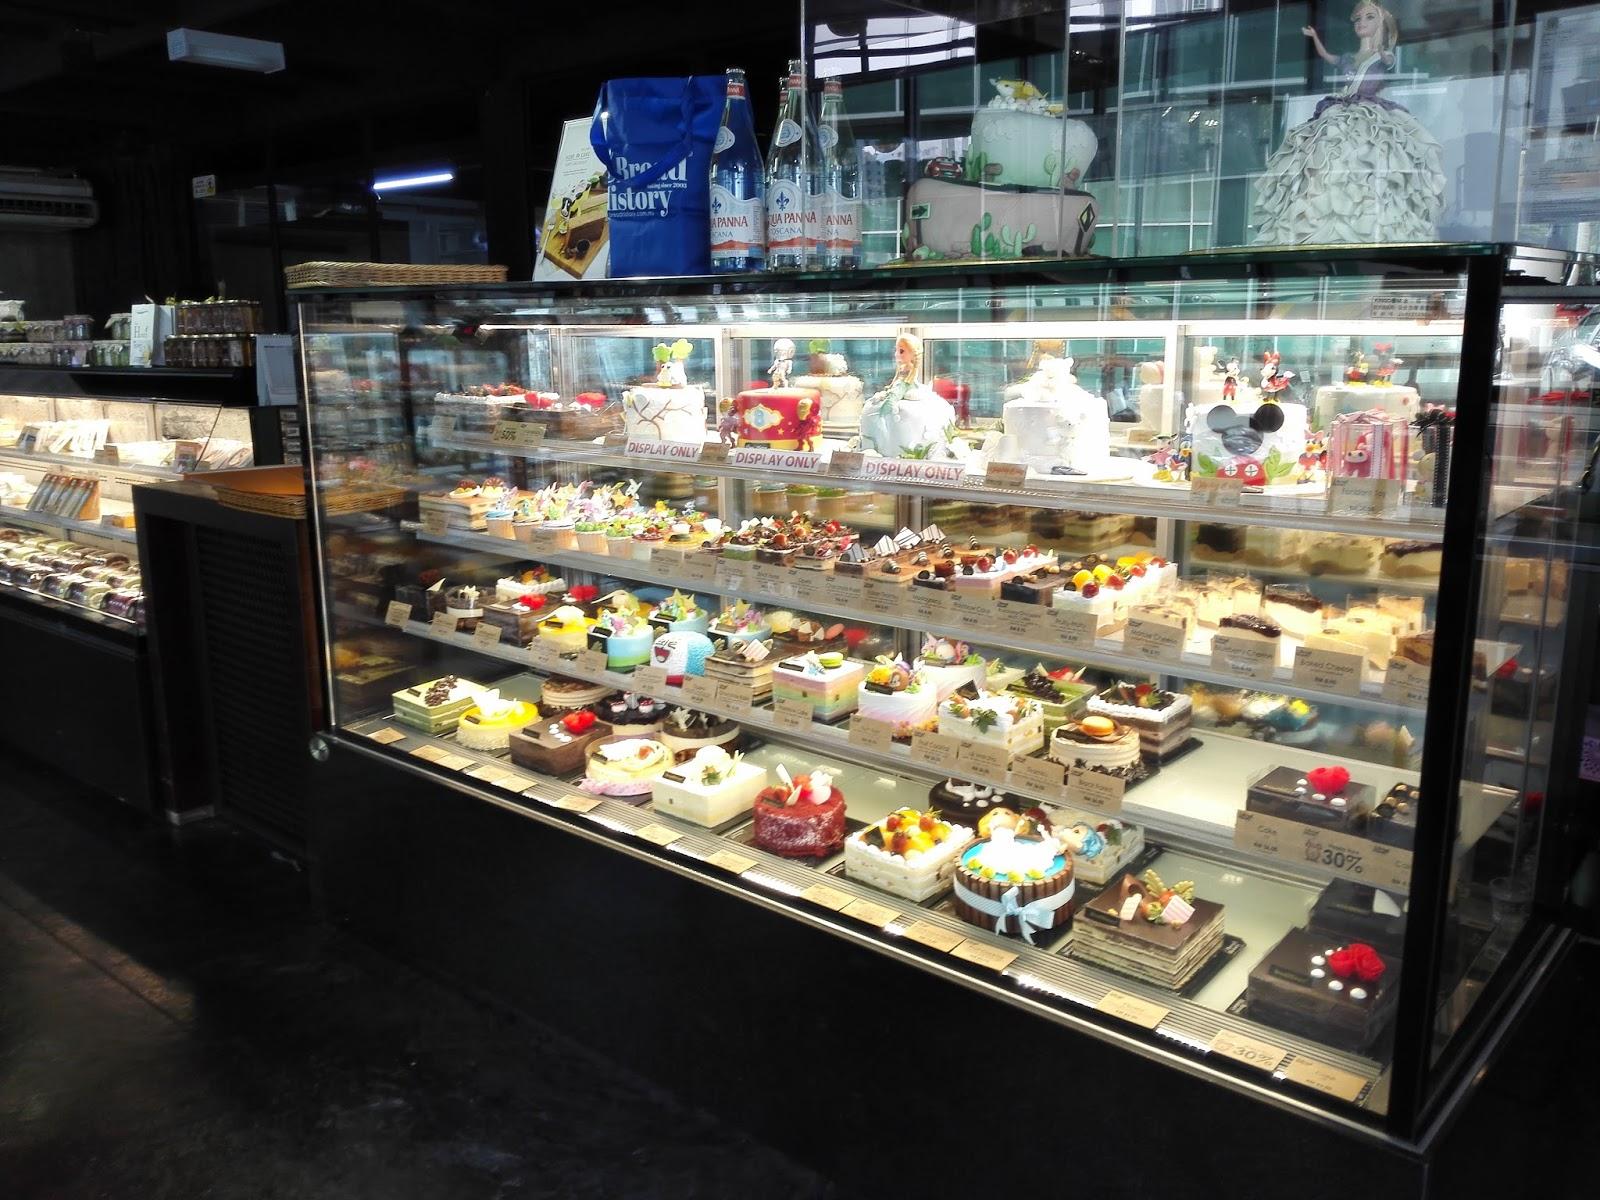 Bread History Bakery Cafe Setia Spice Canopy